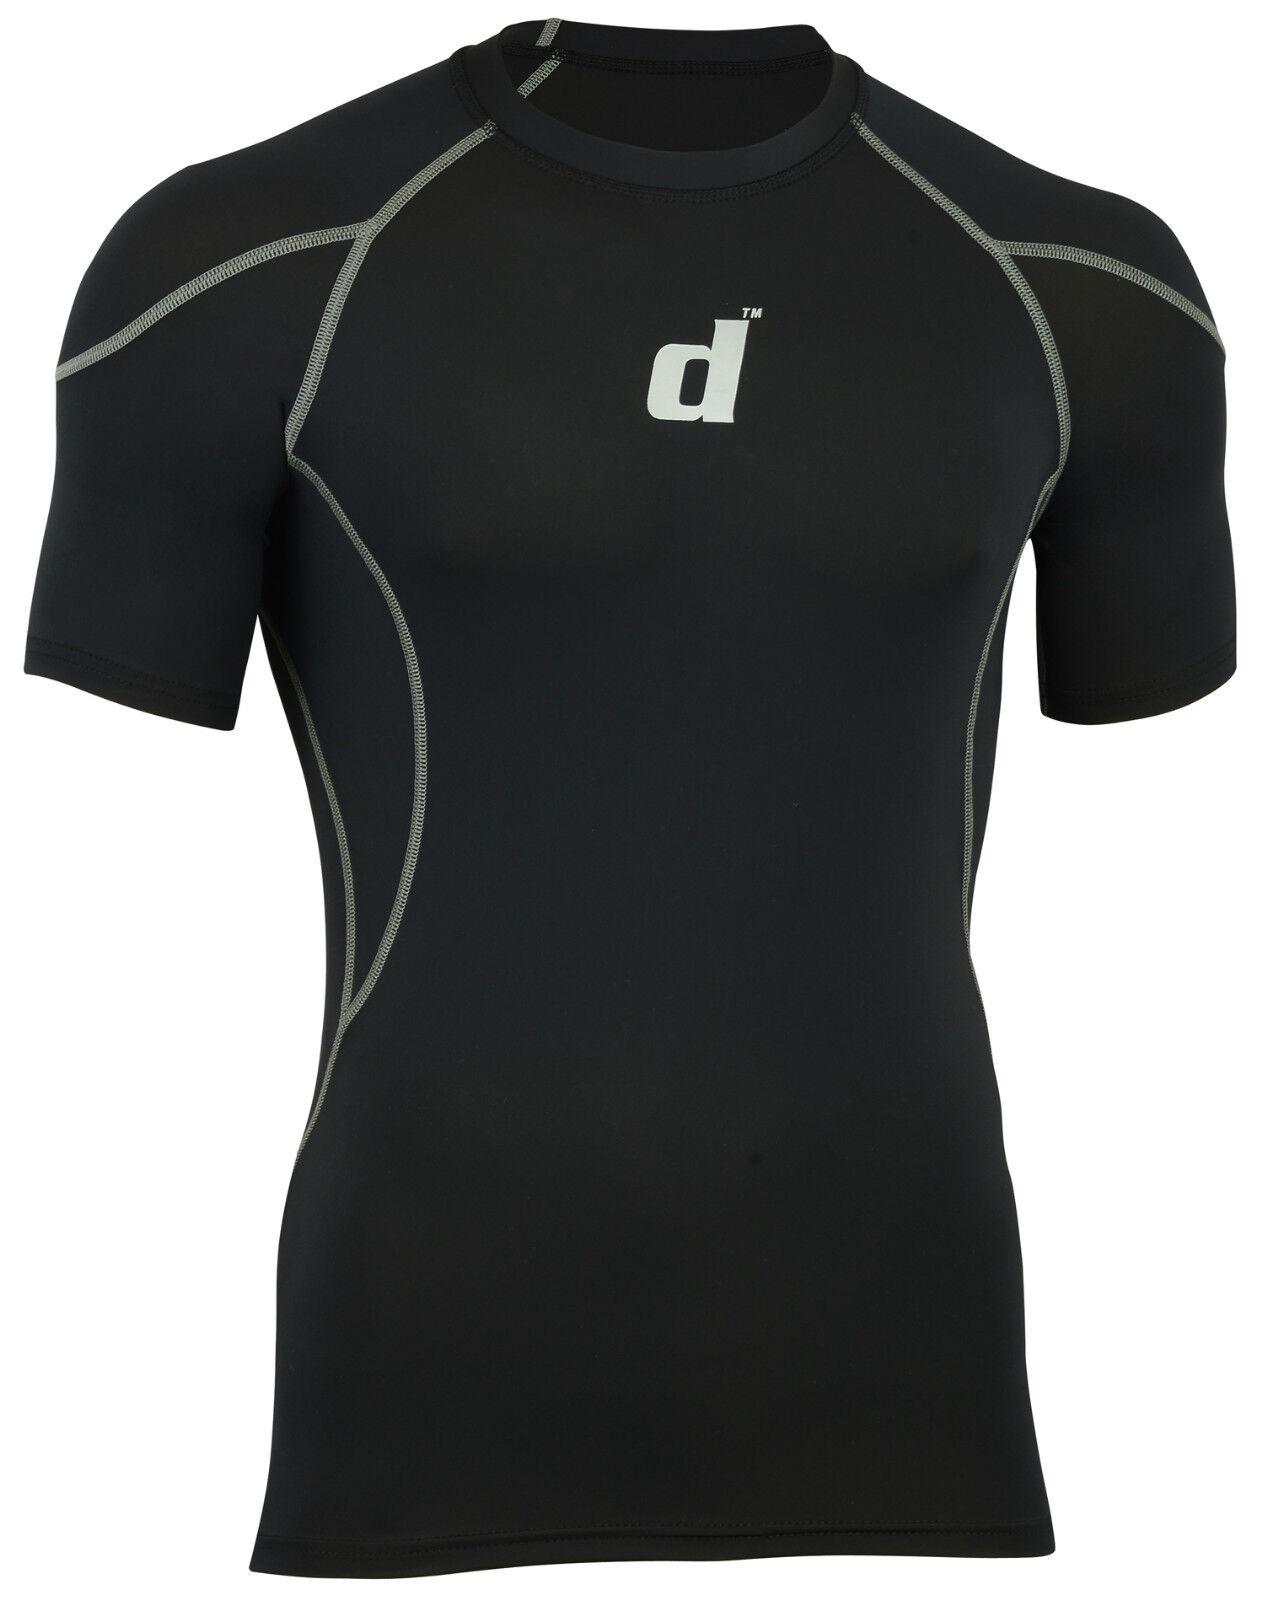 Didoo New Men/'s Compression T Shirts Sportswear Jerseys Training Striped Fitness